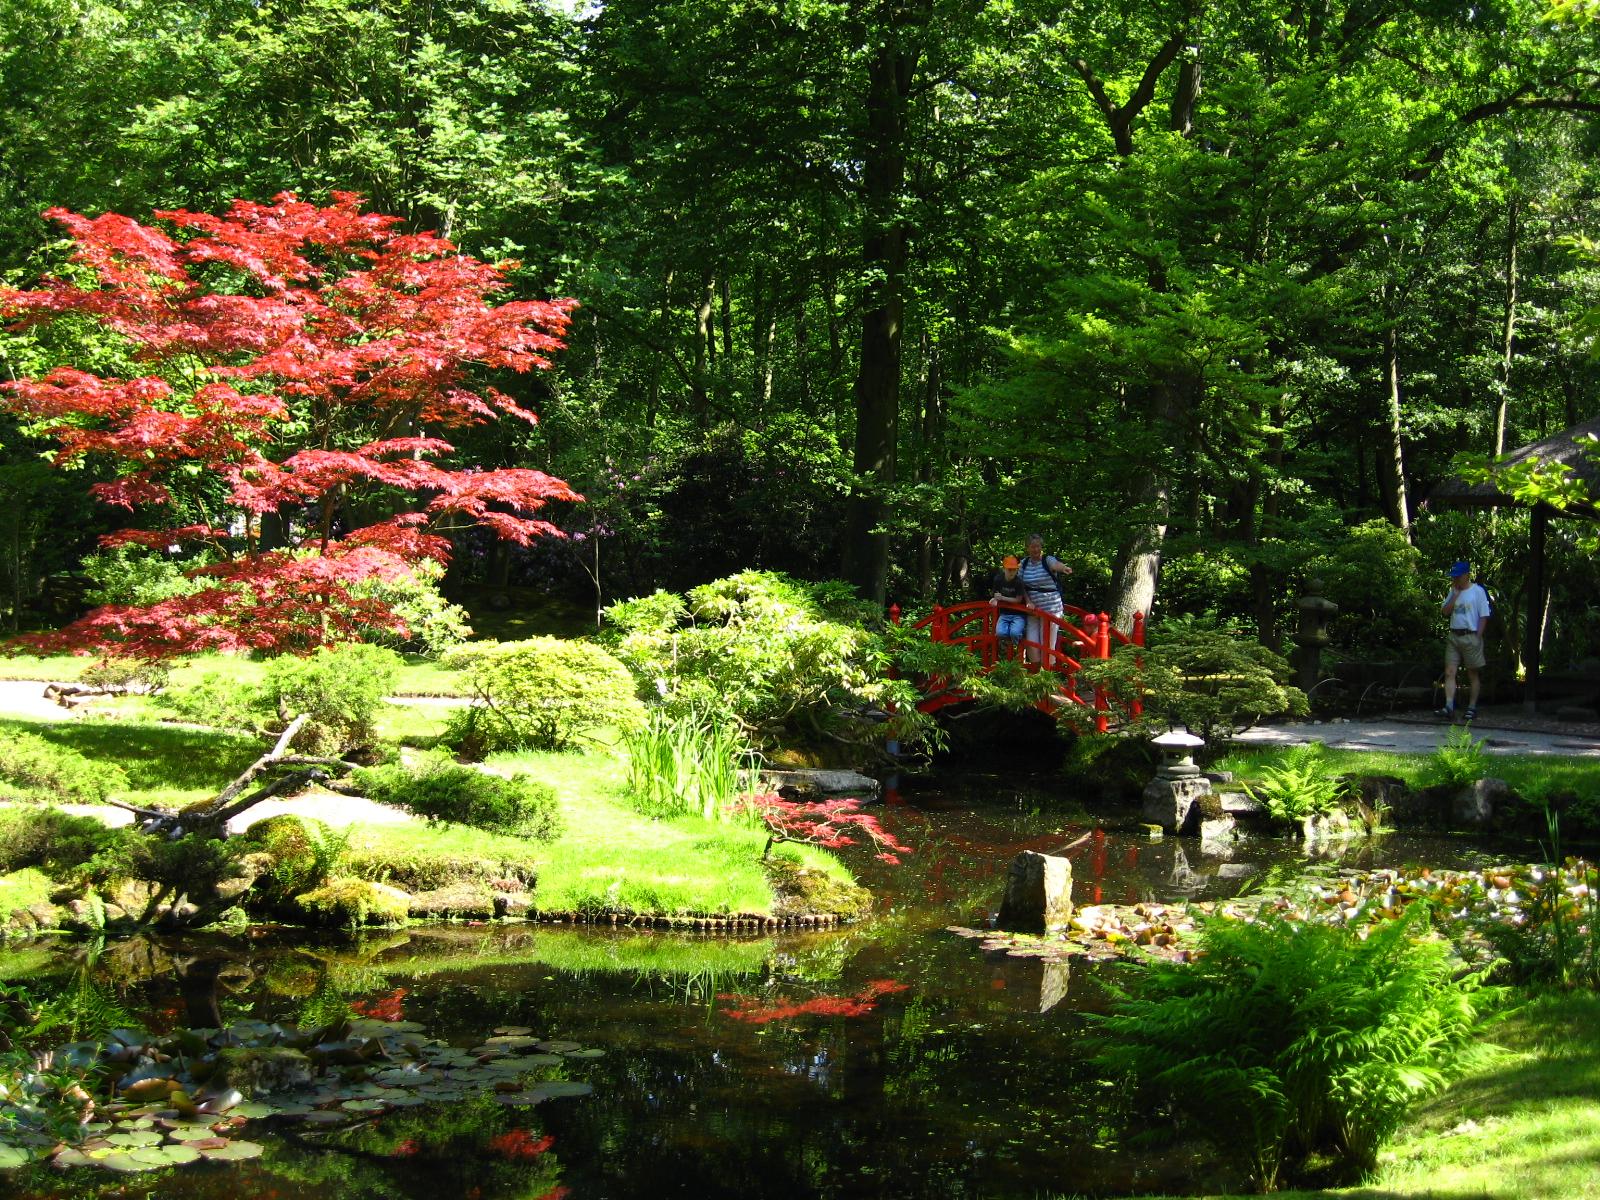 Landgoed clingendael inrichting van de japanse tuin in wassenaar monument - Tuin fotos ...